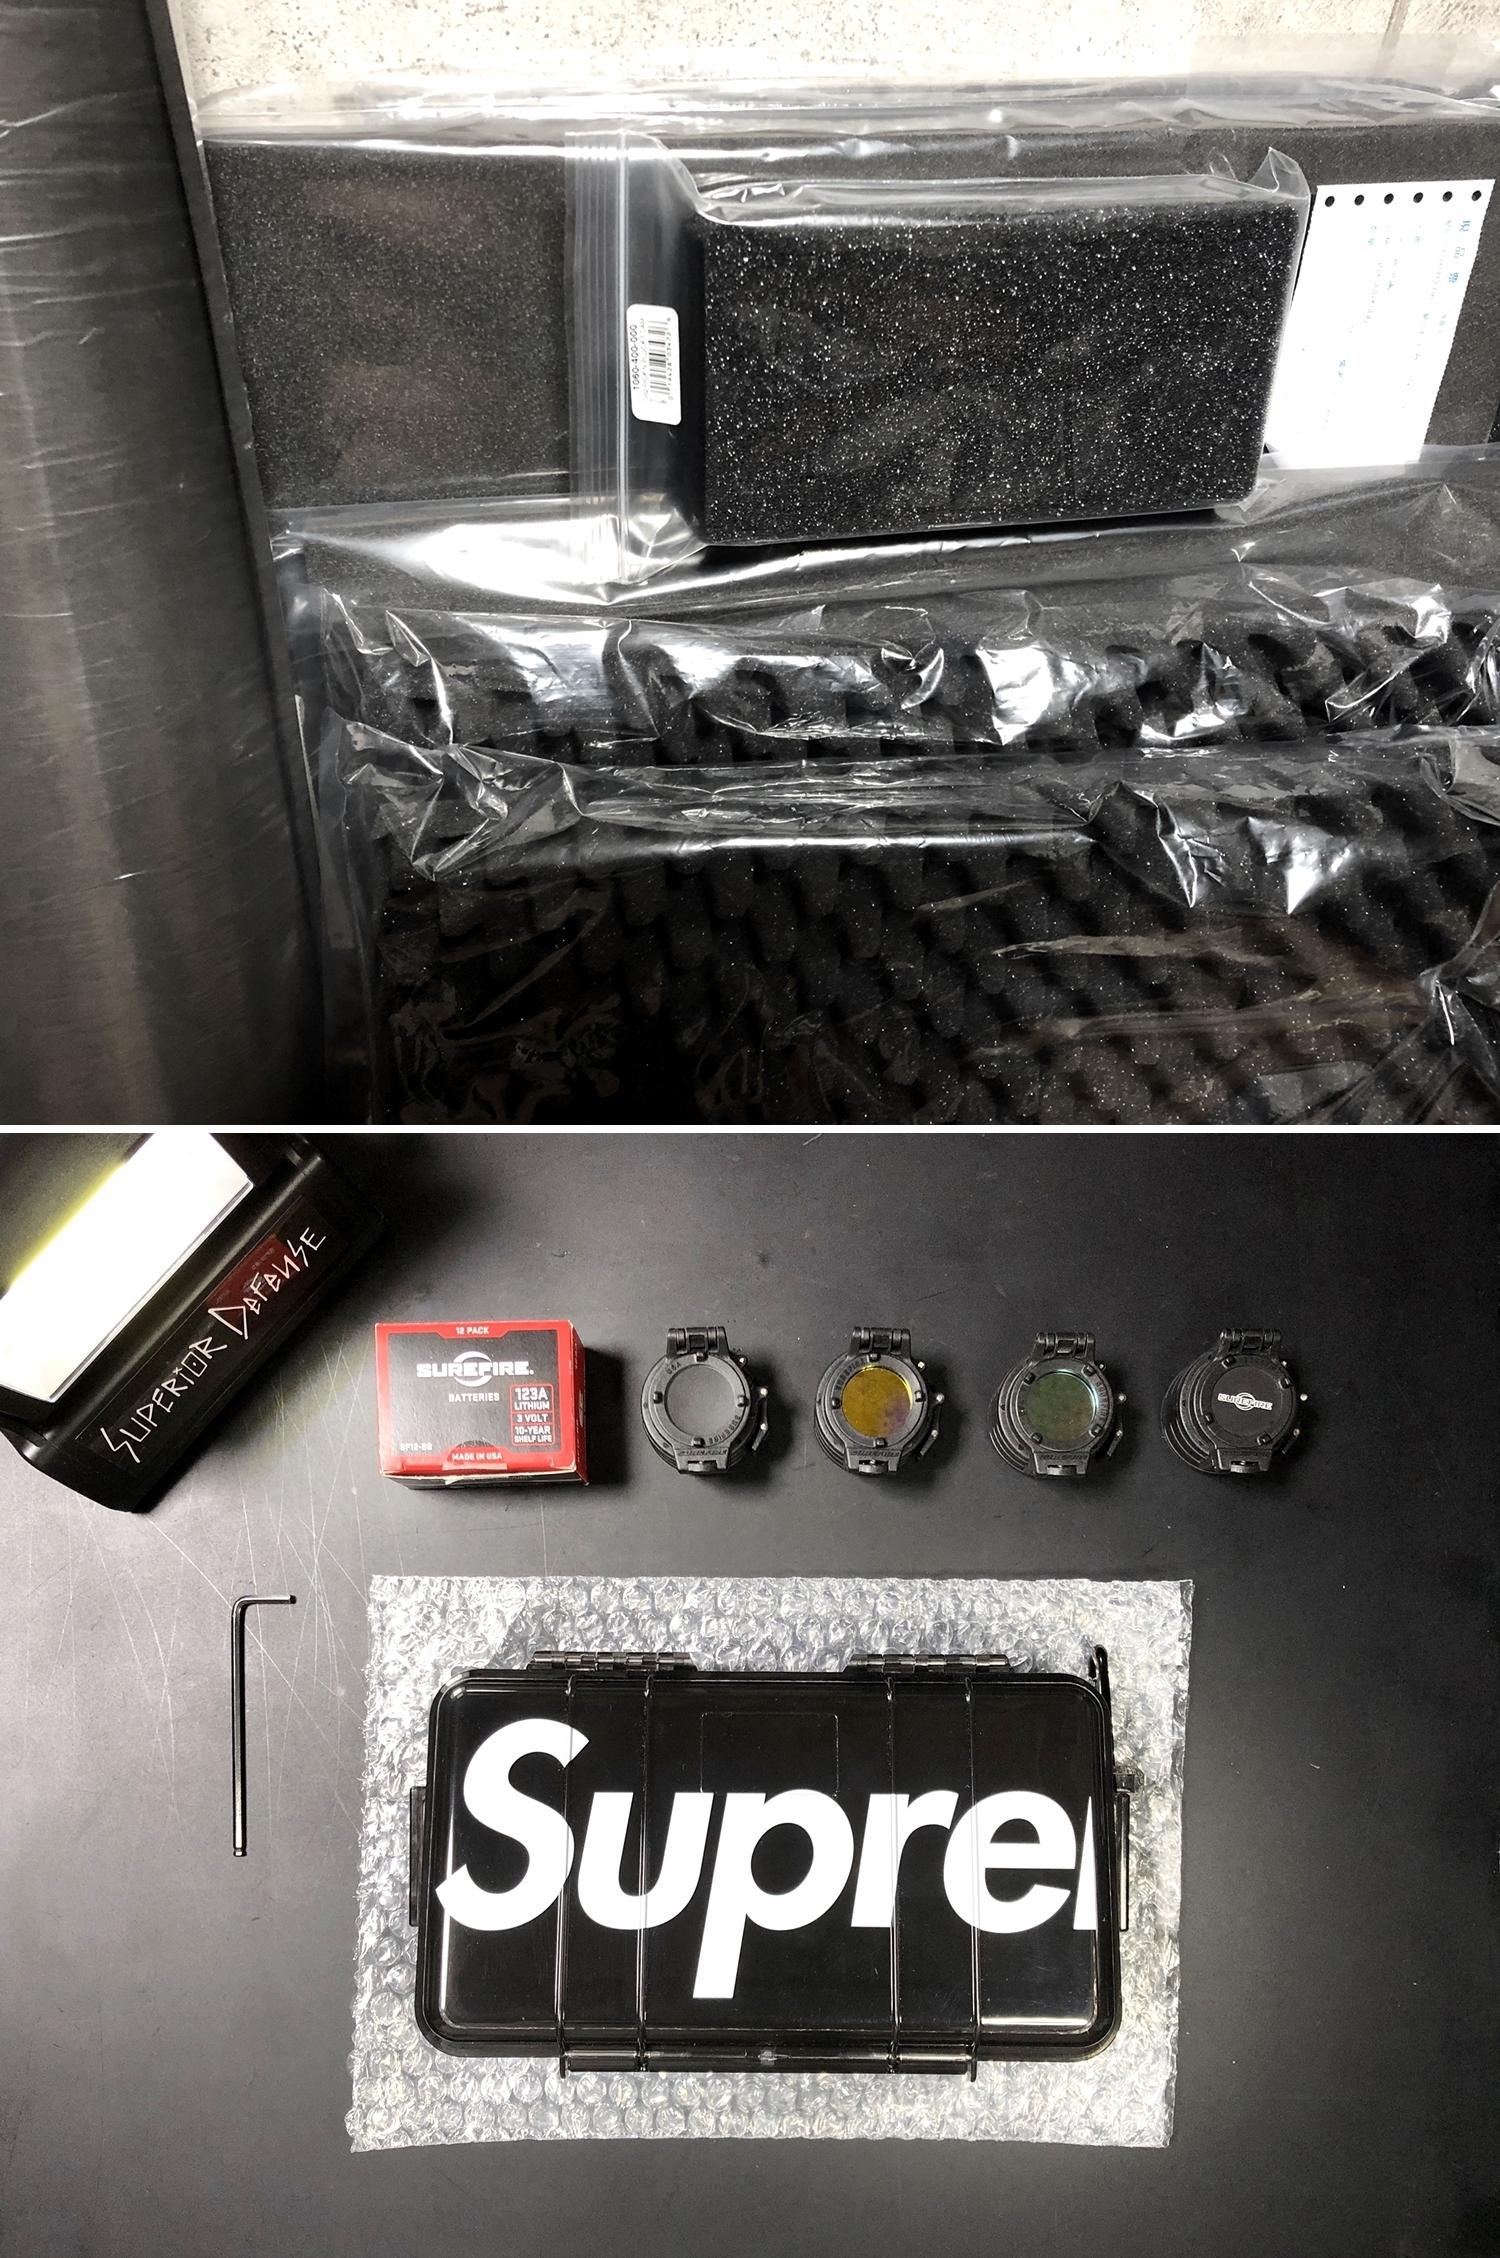 5 SUPREME × PELICAN 1060 CASE URETHANE FOAM DIY PROJECT CUSTOM シュアファイア シュプリーム ペリカン ハードケース ウレタンフォーム カスタム